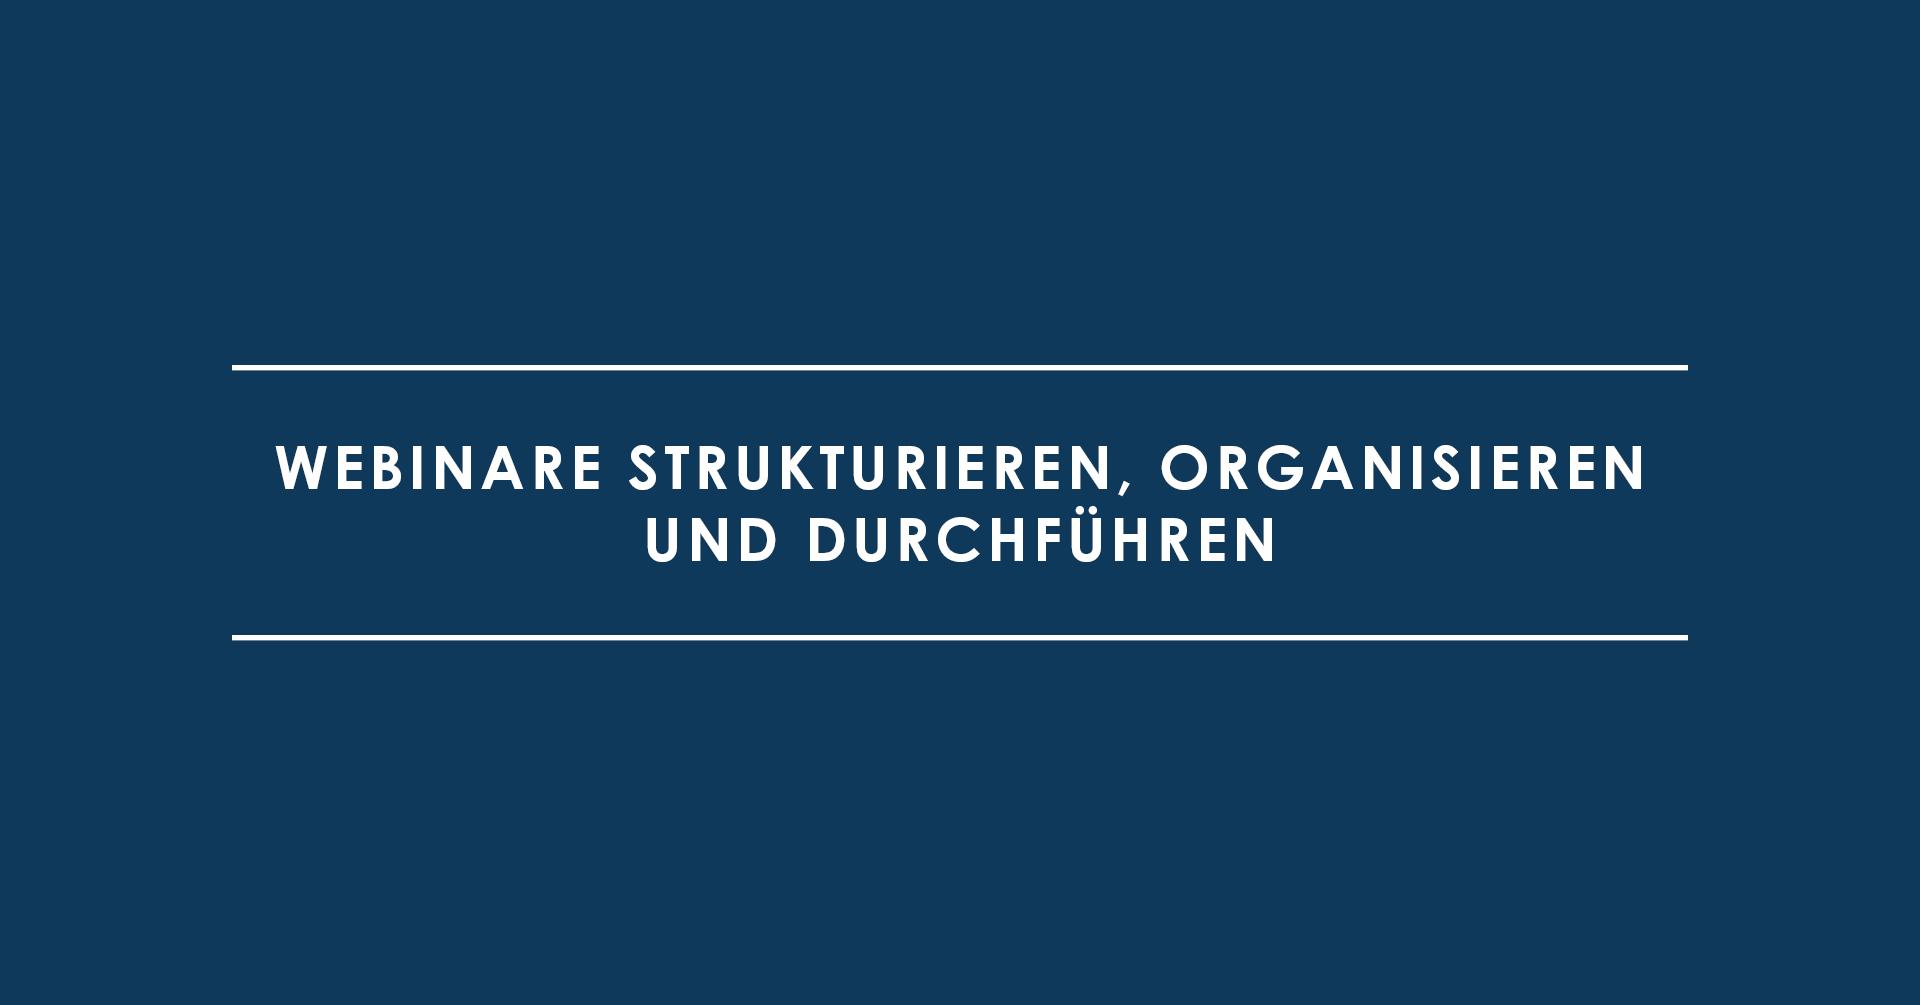 Webinare strukturieren, organisieren und durchführen